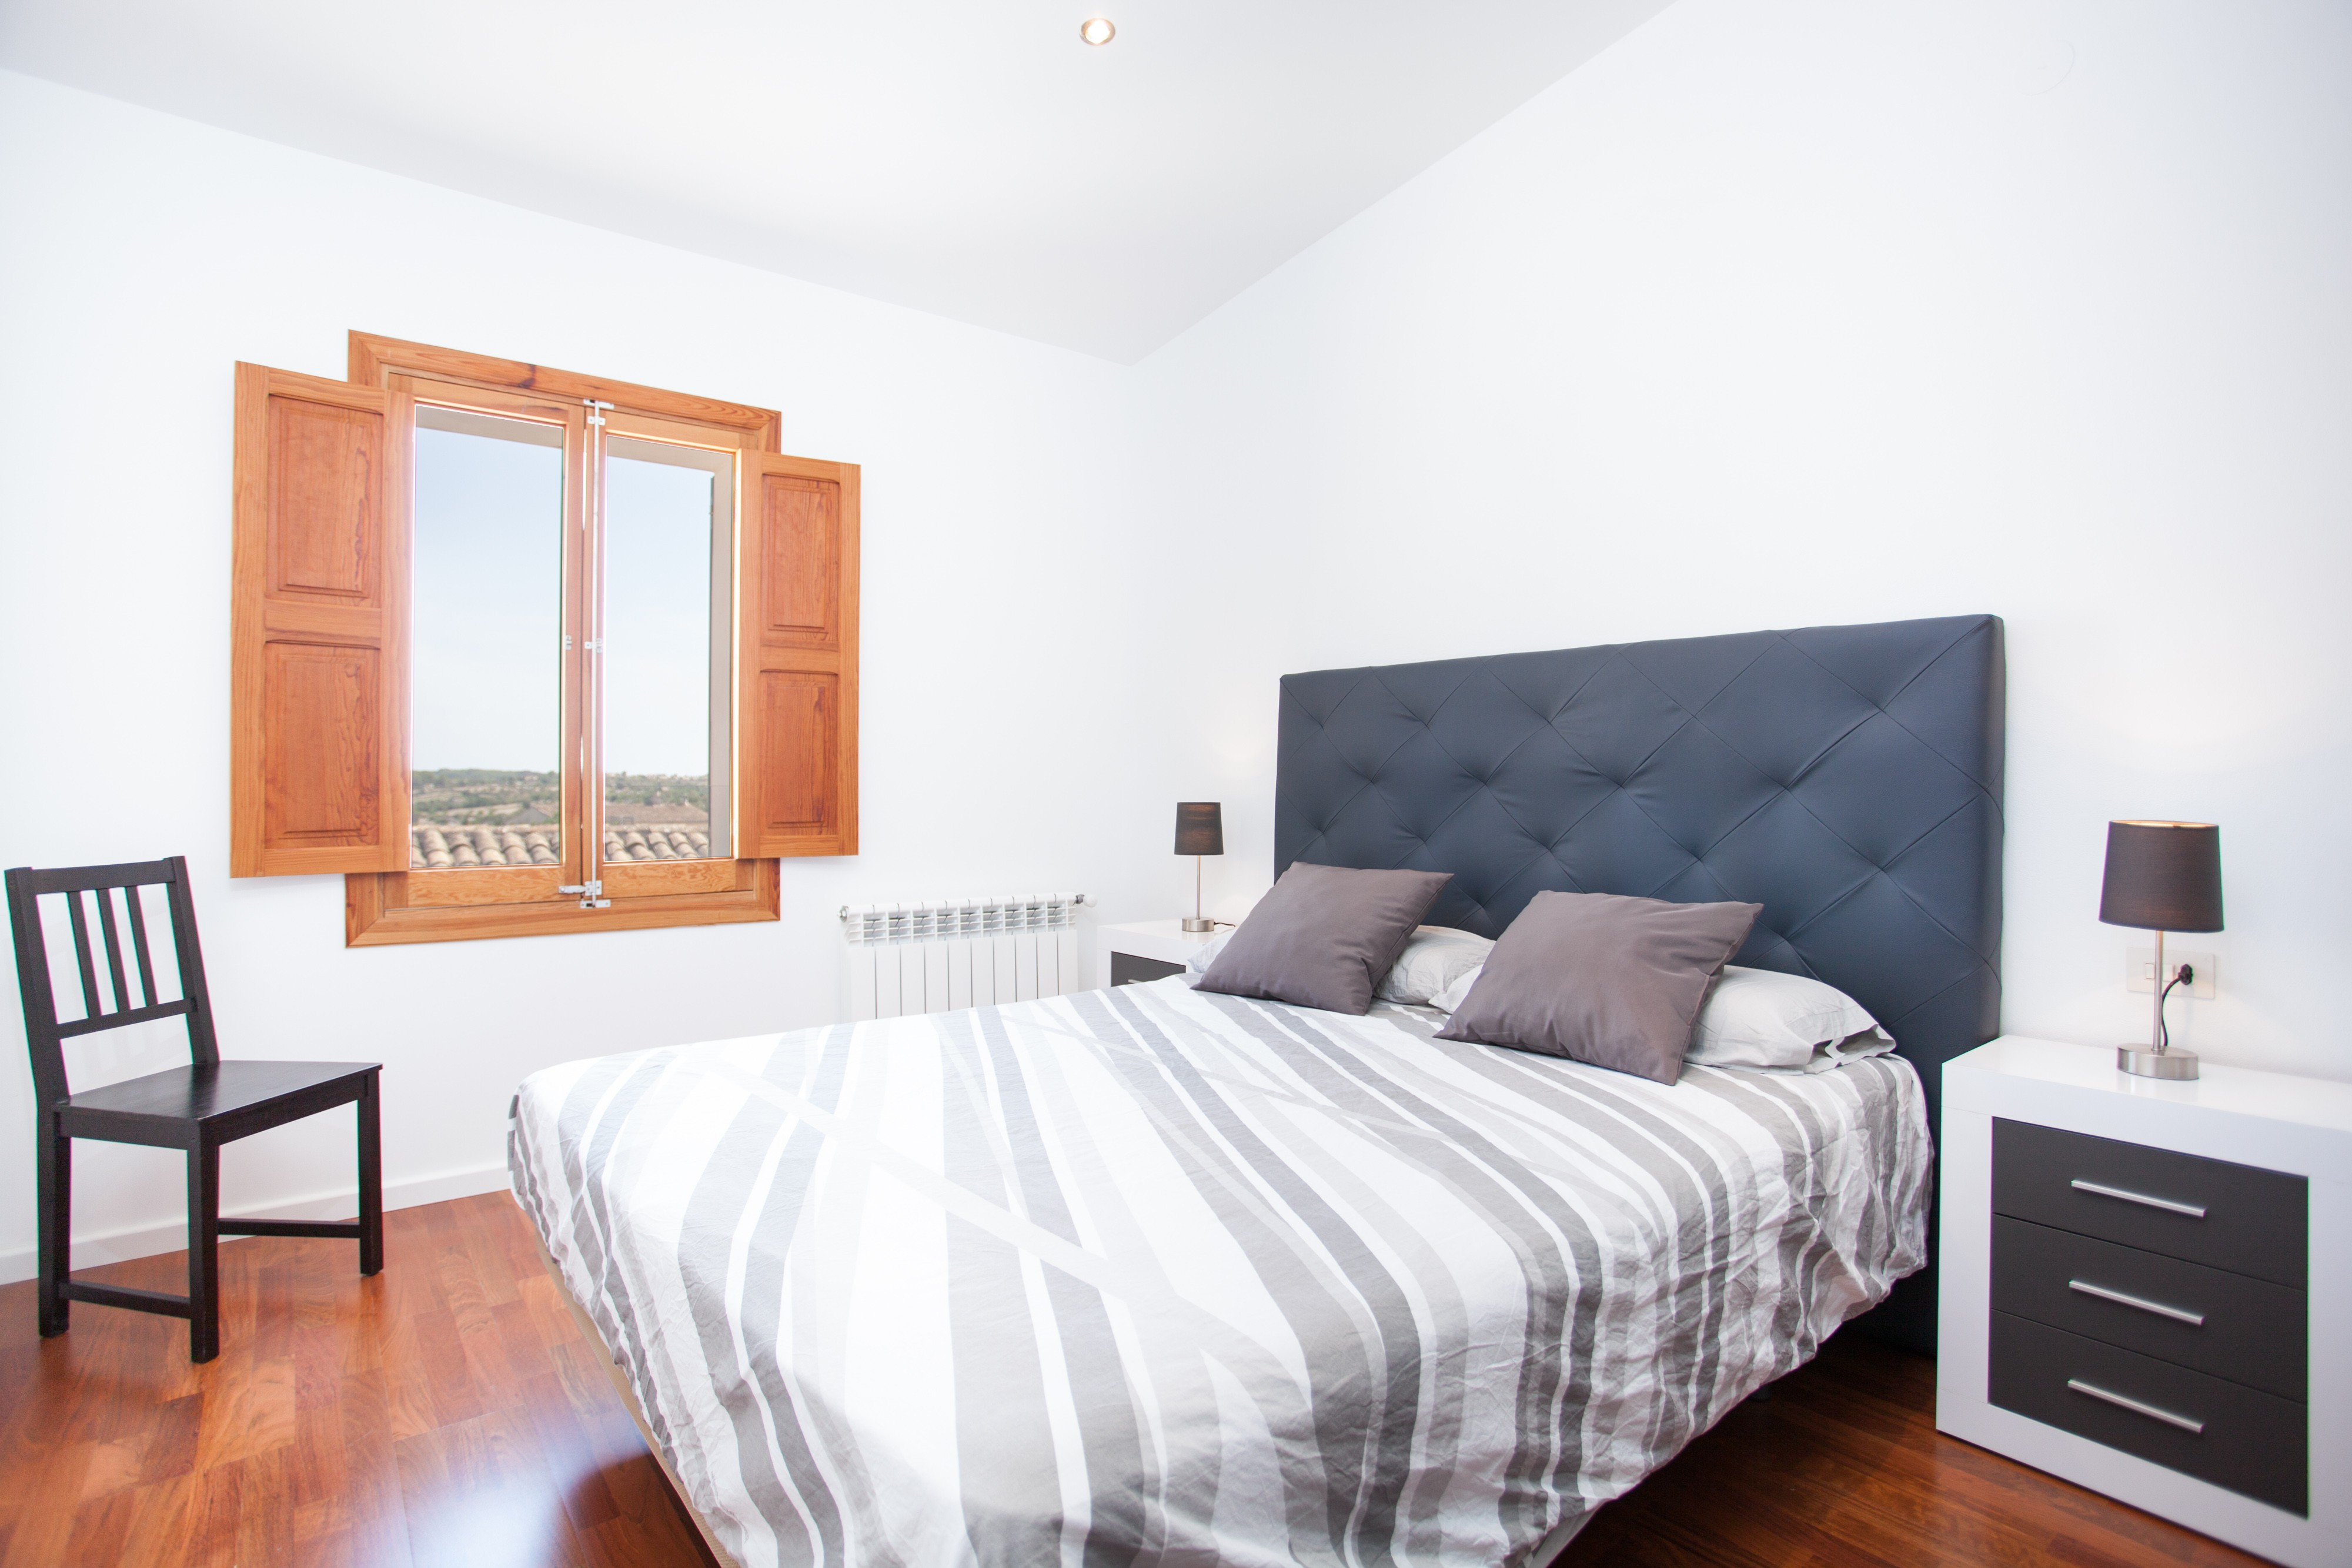 Maison de vacances CAN DOMINGO (2246405), Lloret de Vistalegre, Majorque, Iles Baléares, Espagne, image 17